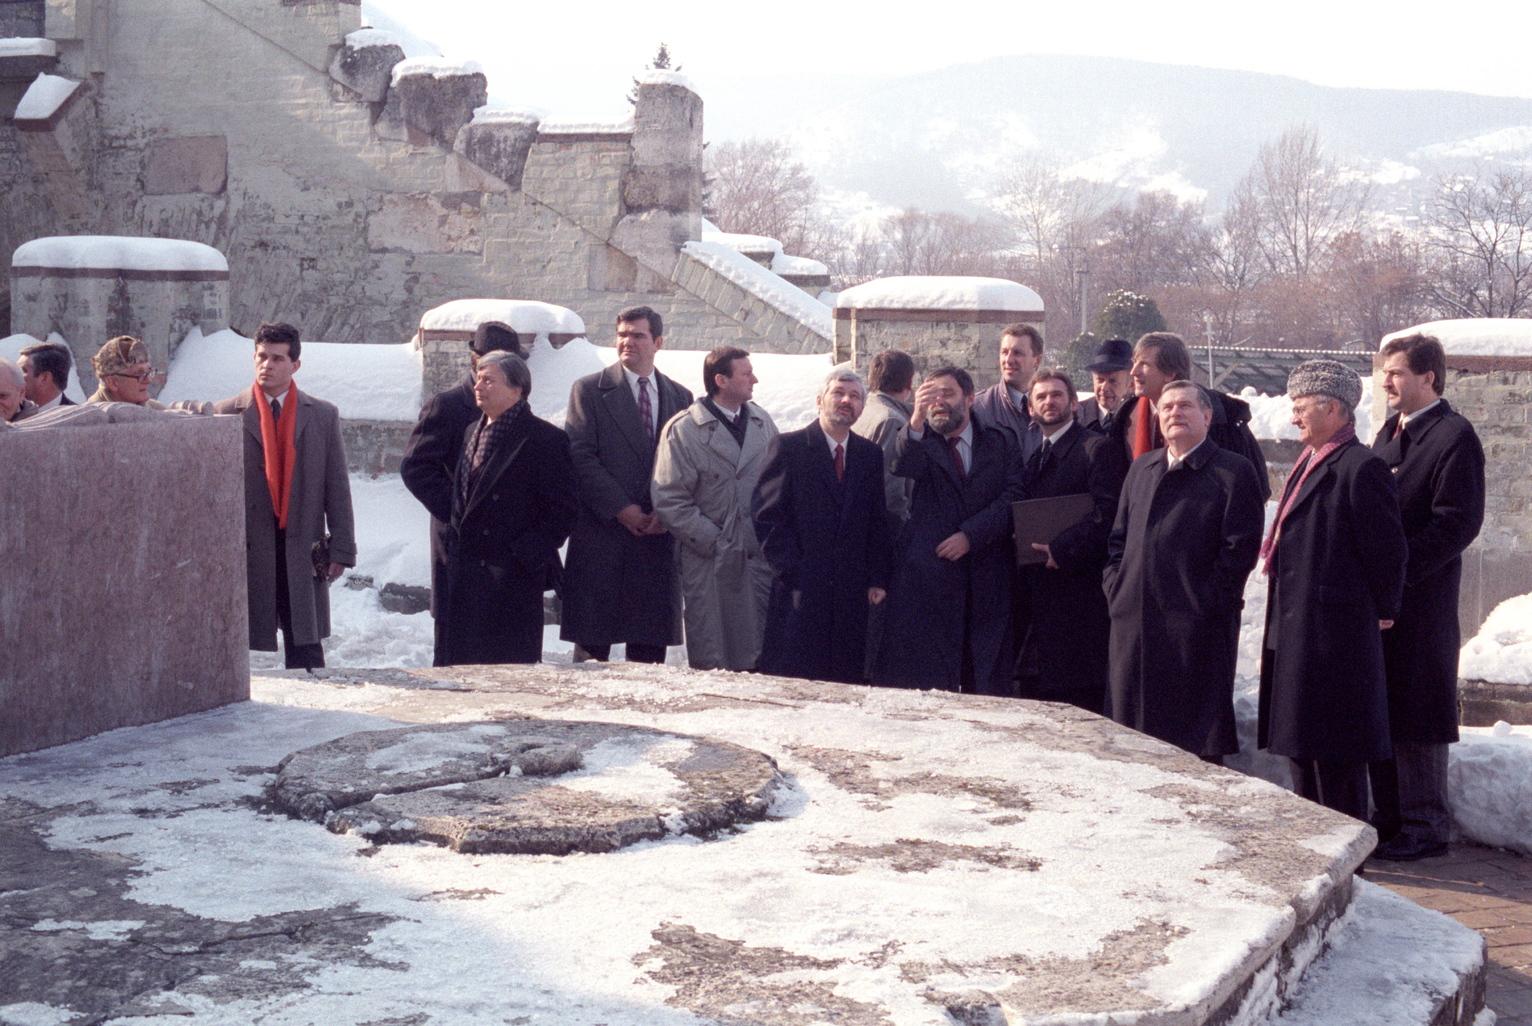 Visegrád, 1991. február 15. A visegrádi csúcstalálkozón résztvevő állam és kormányfők, Lech Walesa lengyel államfő (j3) Krzysztof Bielecki lengyel miniszterelnök (j10) és Antall József miniszterelnök (bal szélen, a piros sálas férfitől jobbra) megtekintik a várat,  miután  elhelyezték a megemlékezés virágait az 1335-ös visegrádi magyar-cseh-lengyel királyi kongresszus emlékét megörökítő táblánál. MTI Fotó: Kovács Attila